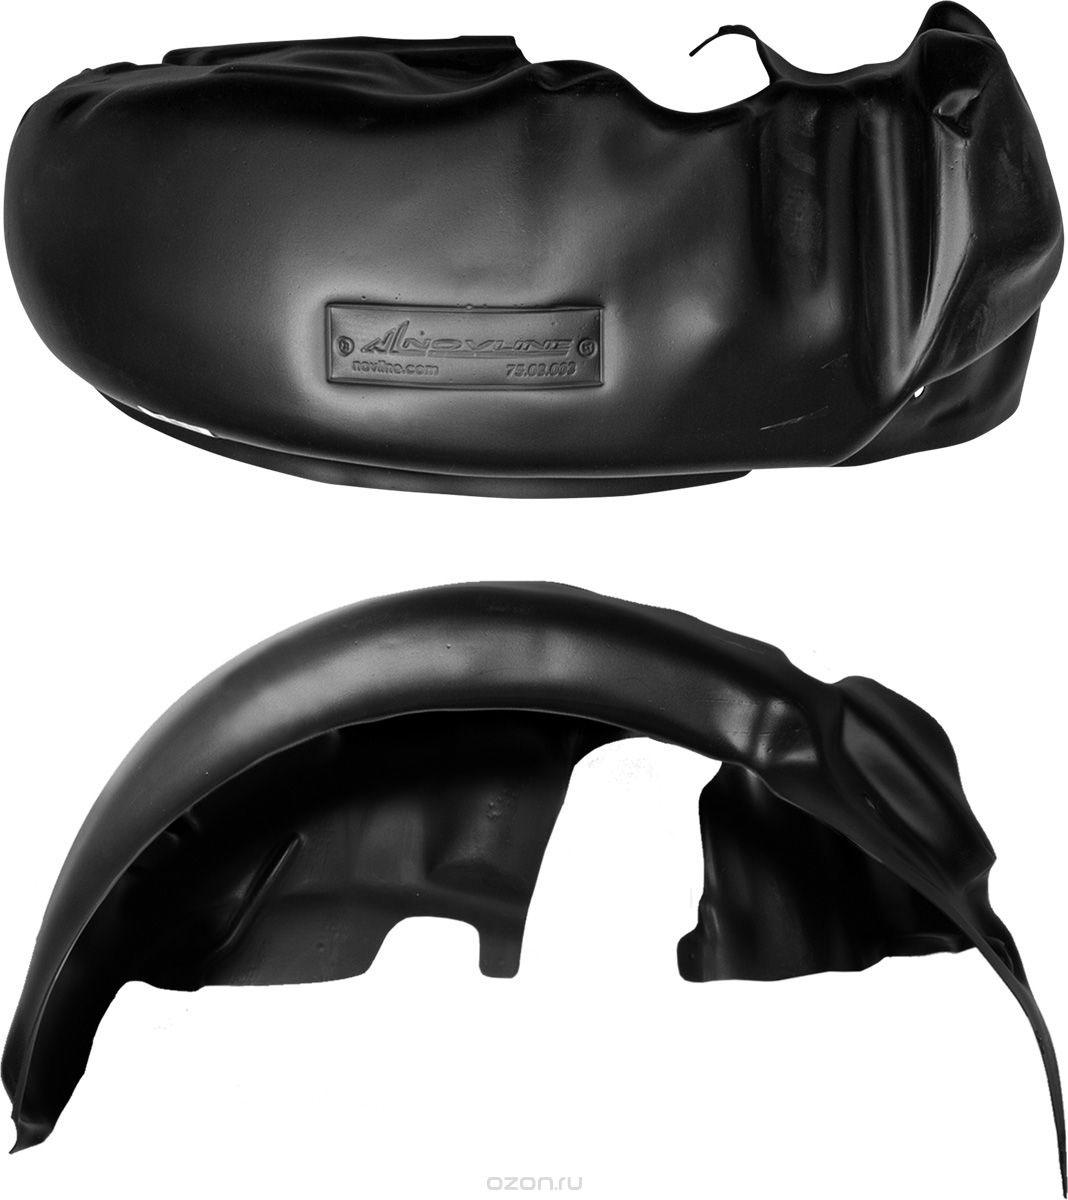 Подкрылок Novline-Autofamily, для MAZDA CX-7 2010-2013, передний правыйNLL.33.18.002Идеальная защита колесной ниши. Локеры разработаны с применением цифровых технологий, гарантируют максимальную повторяемость поверхности арки. Изделия устанавливаются без нарушения лакокрасочного покрытия автомобиля, каждый подкрылок комплектуется крепежом. Уважаемые клиенты, обращаем ваше внимание, что фотографии на подкрылки универсальные и не отражают реальную форму изделия. При этом само изделие идет точно под размер указанного автомобиля.